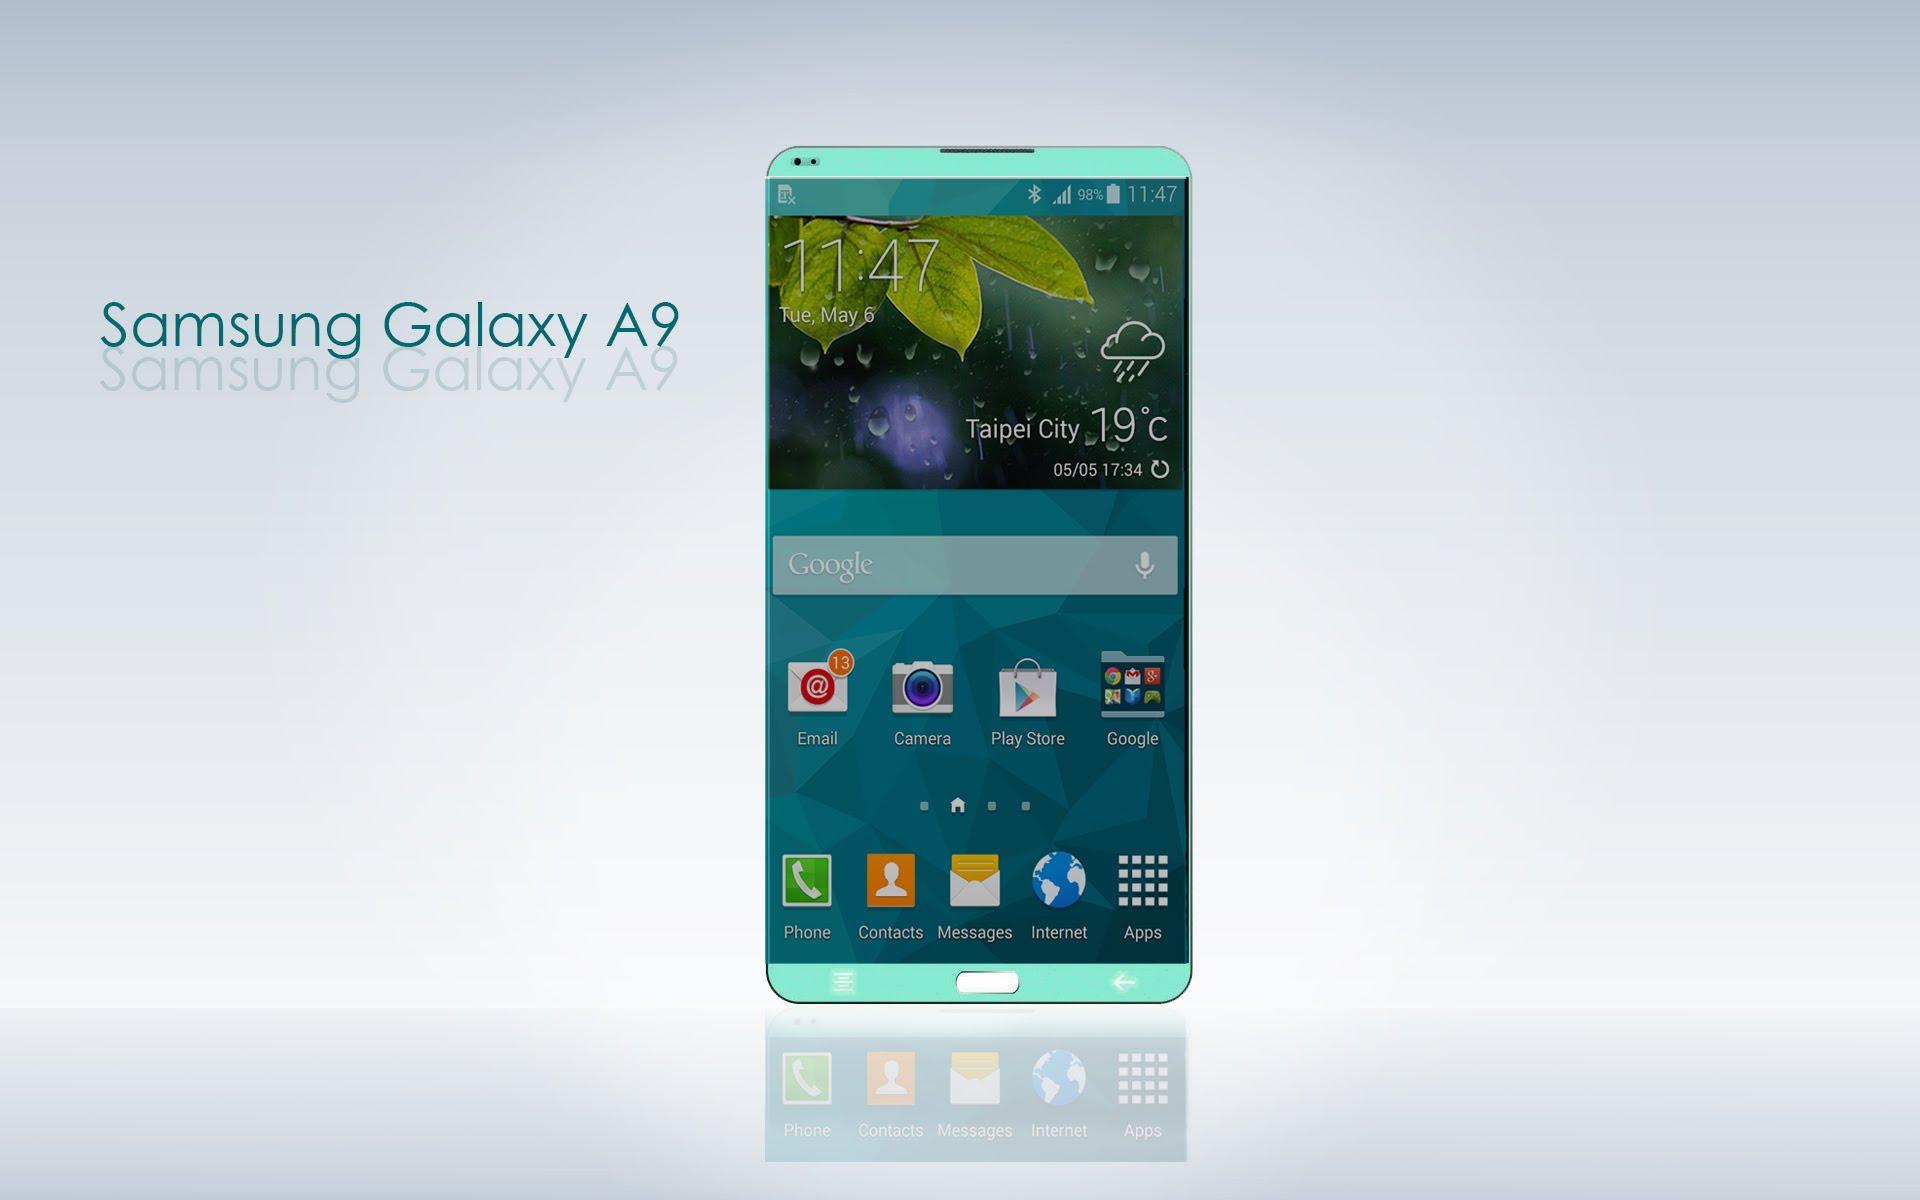 หลุดผลการทดสอบสมาร์ทโฟน Samsung ปริศนาที่ใช้ Snapdragon 620 บน GeekBench หรือมันจะเป็น Galaxy A9?